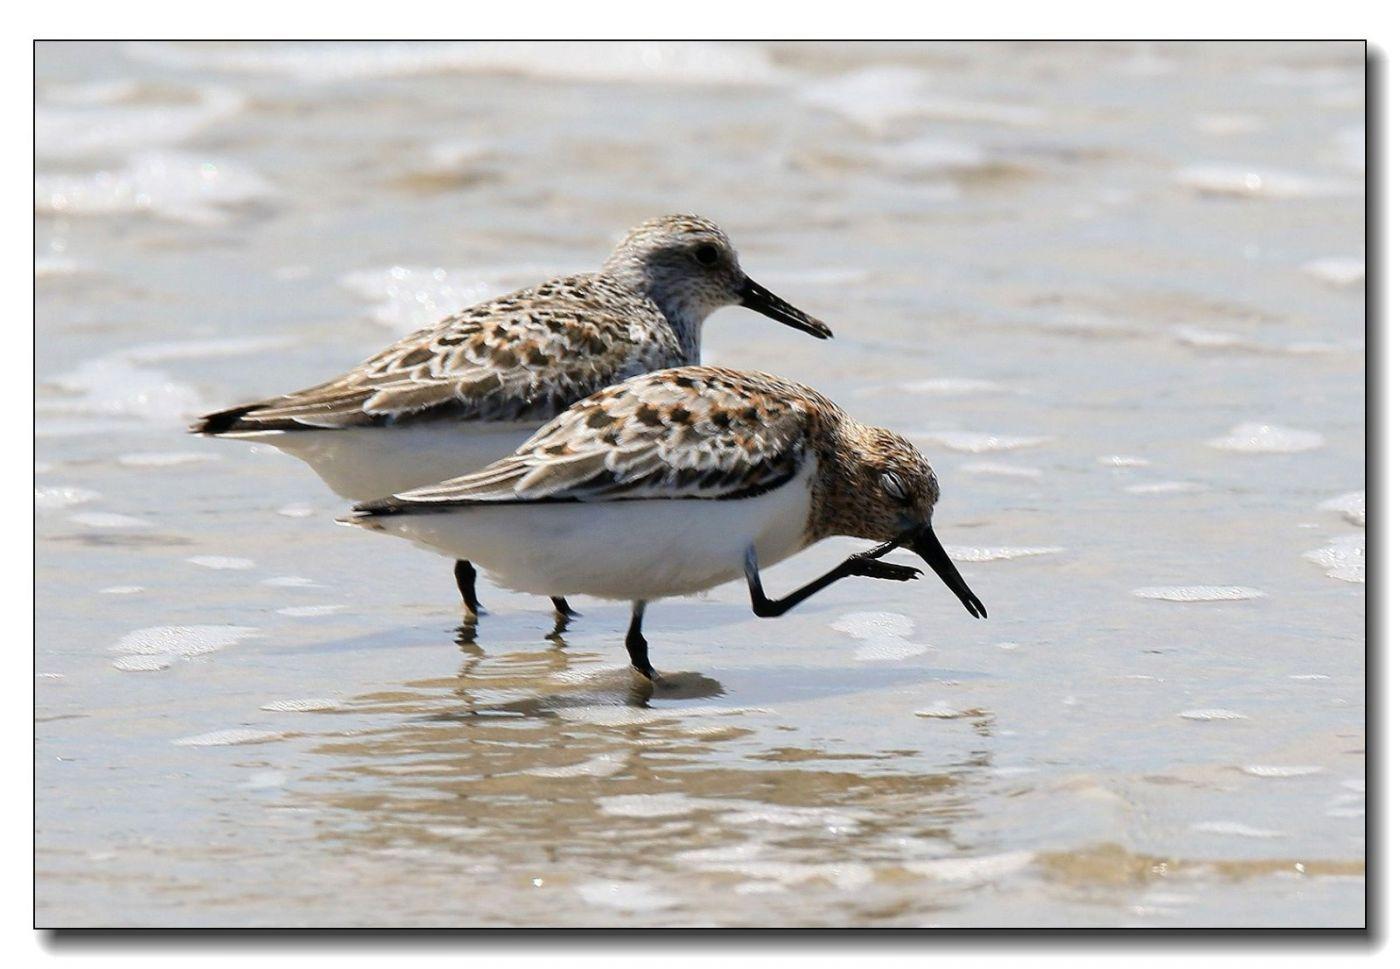 洛克威海滩拍鸟—滨鹬_图1-2